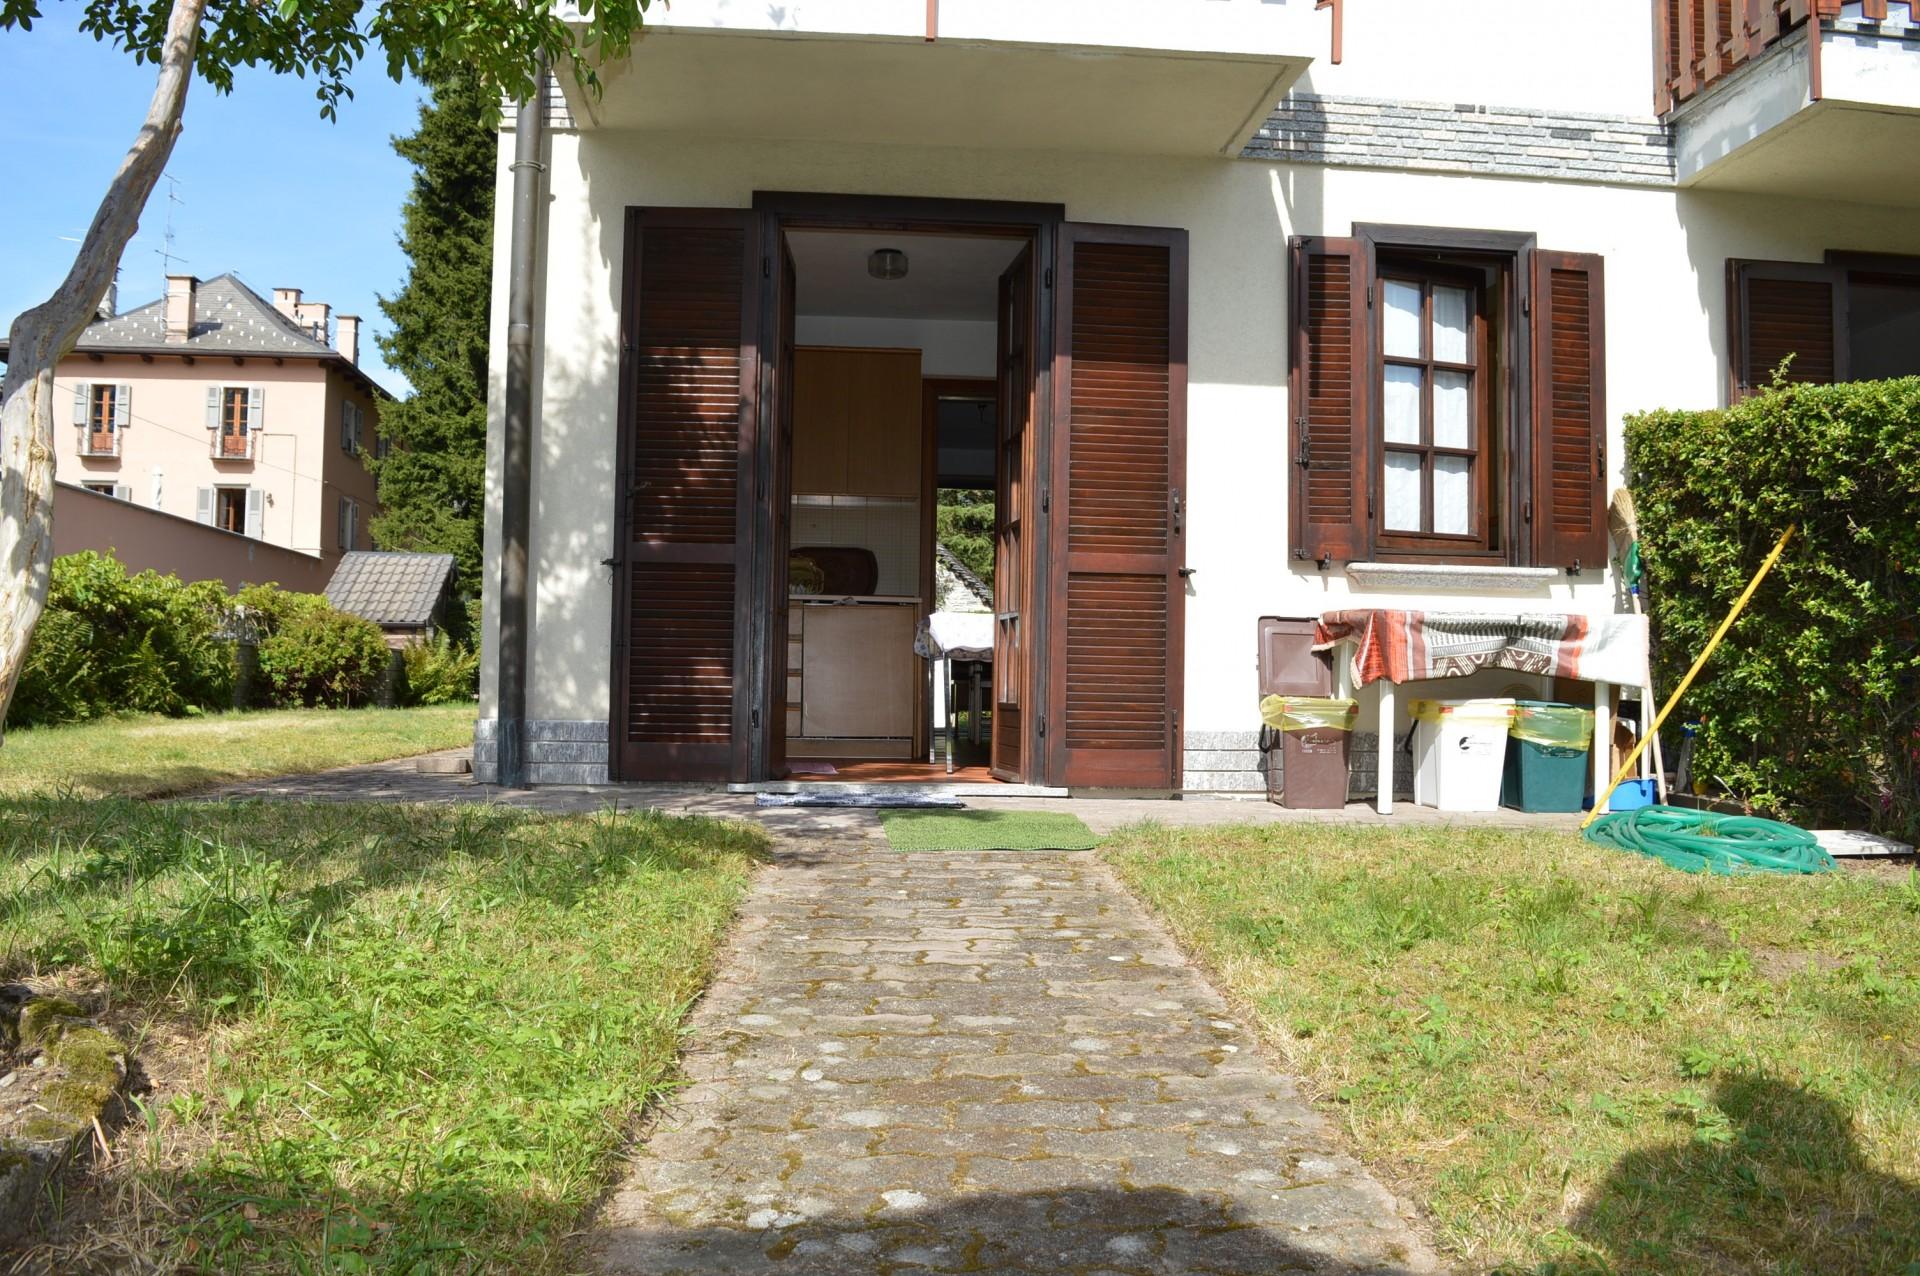 Casette Con Giardino A Trieste.Casa A Schiera Con Giardino In Vendita A Santa Maria Maggiore Va001